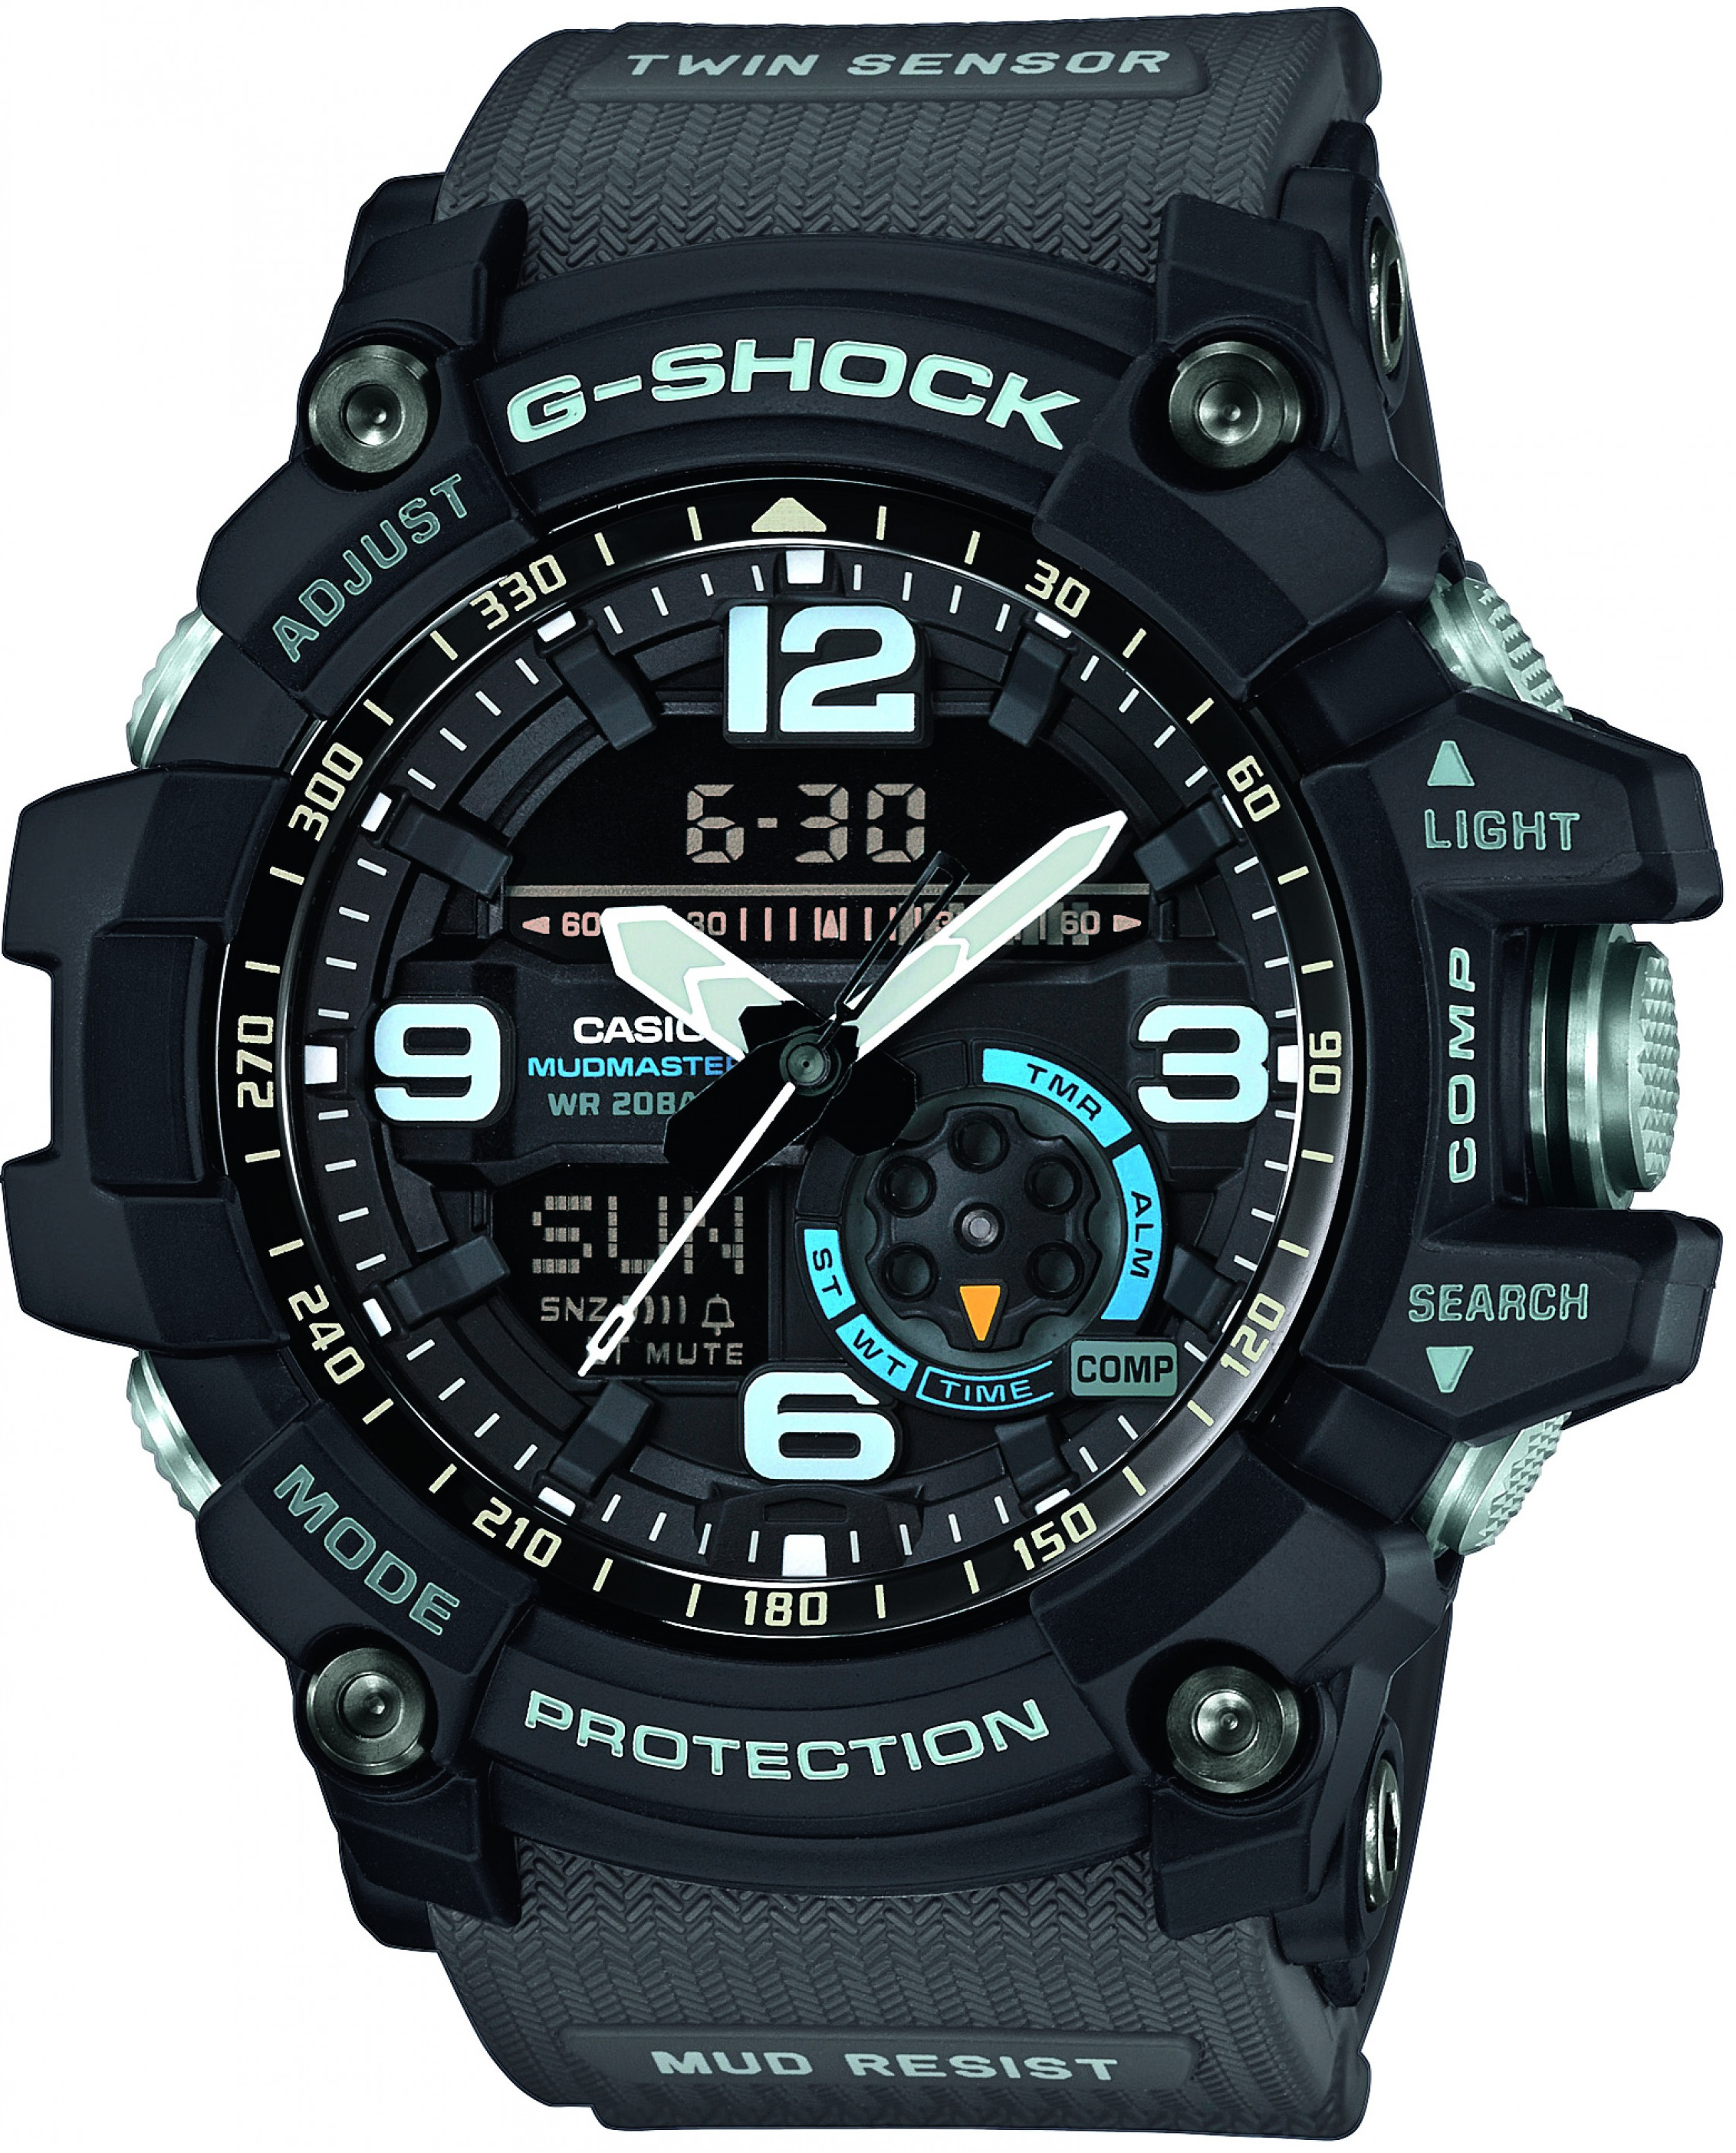 Мужские часы Casio G-Shock GG-1000-1A8ER